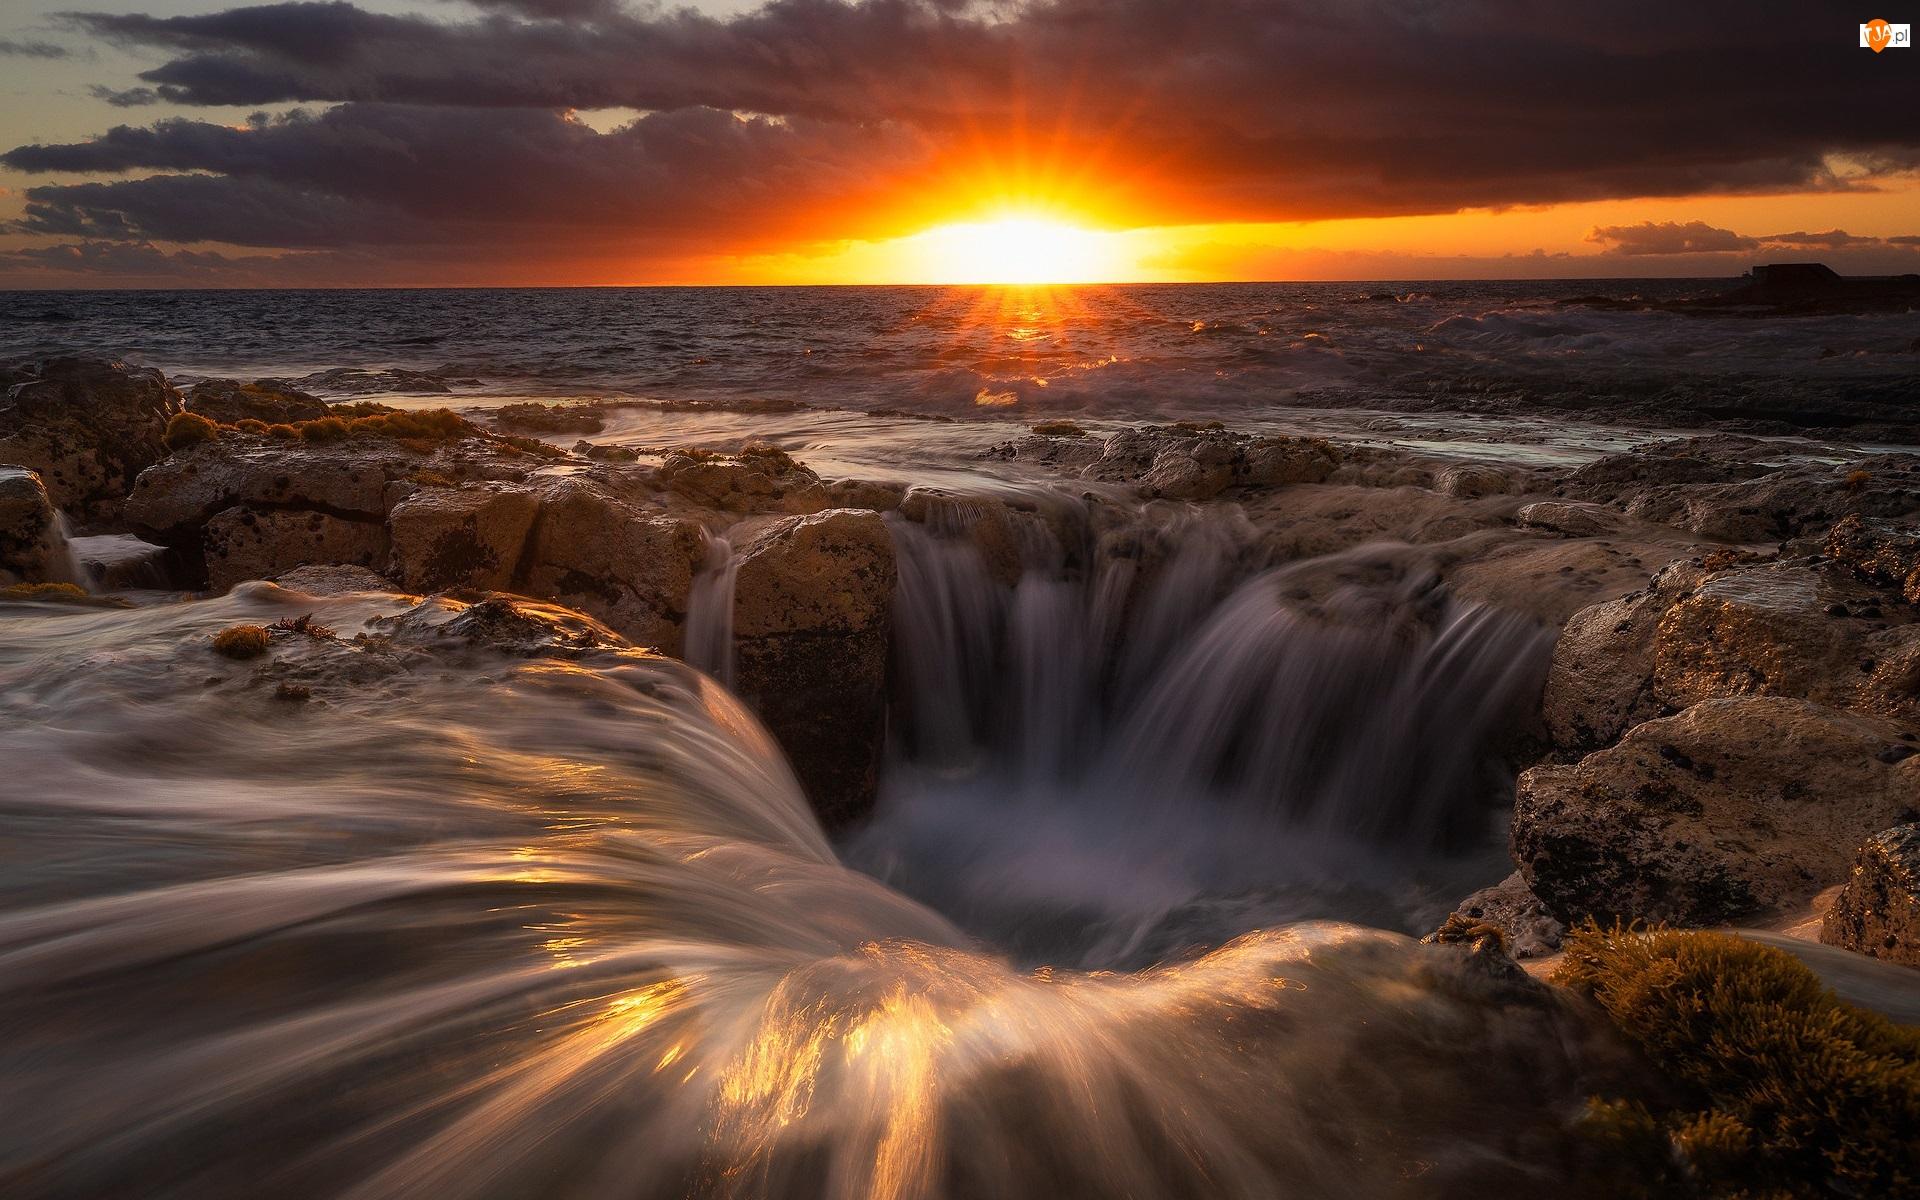 Lej, Zachód słońca, Morze, Skały